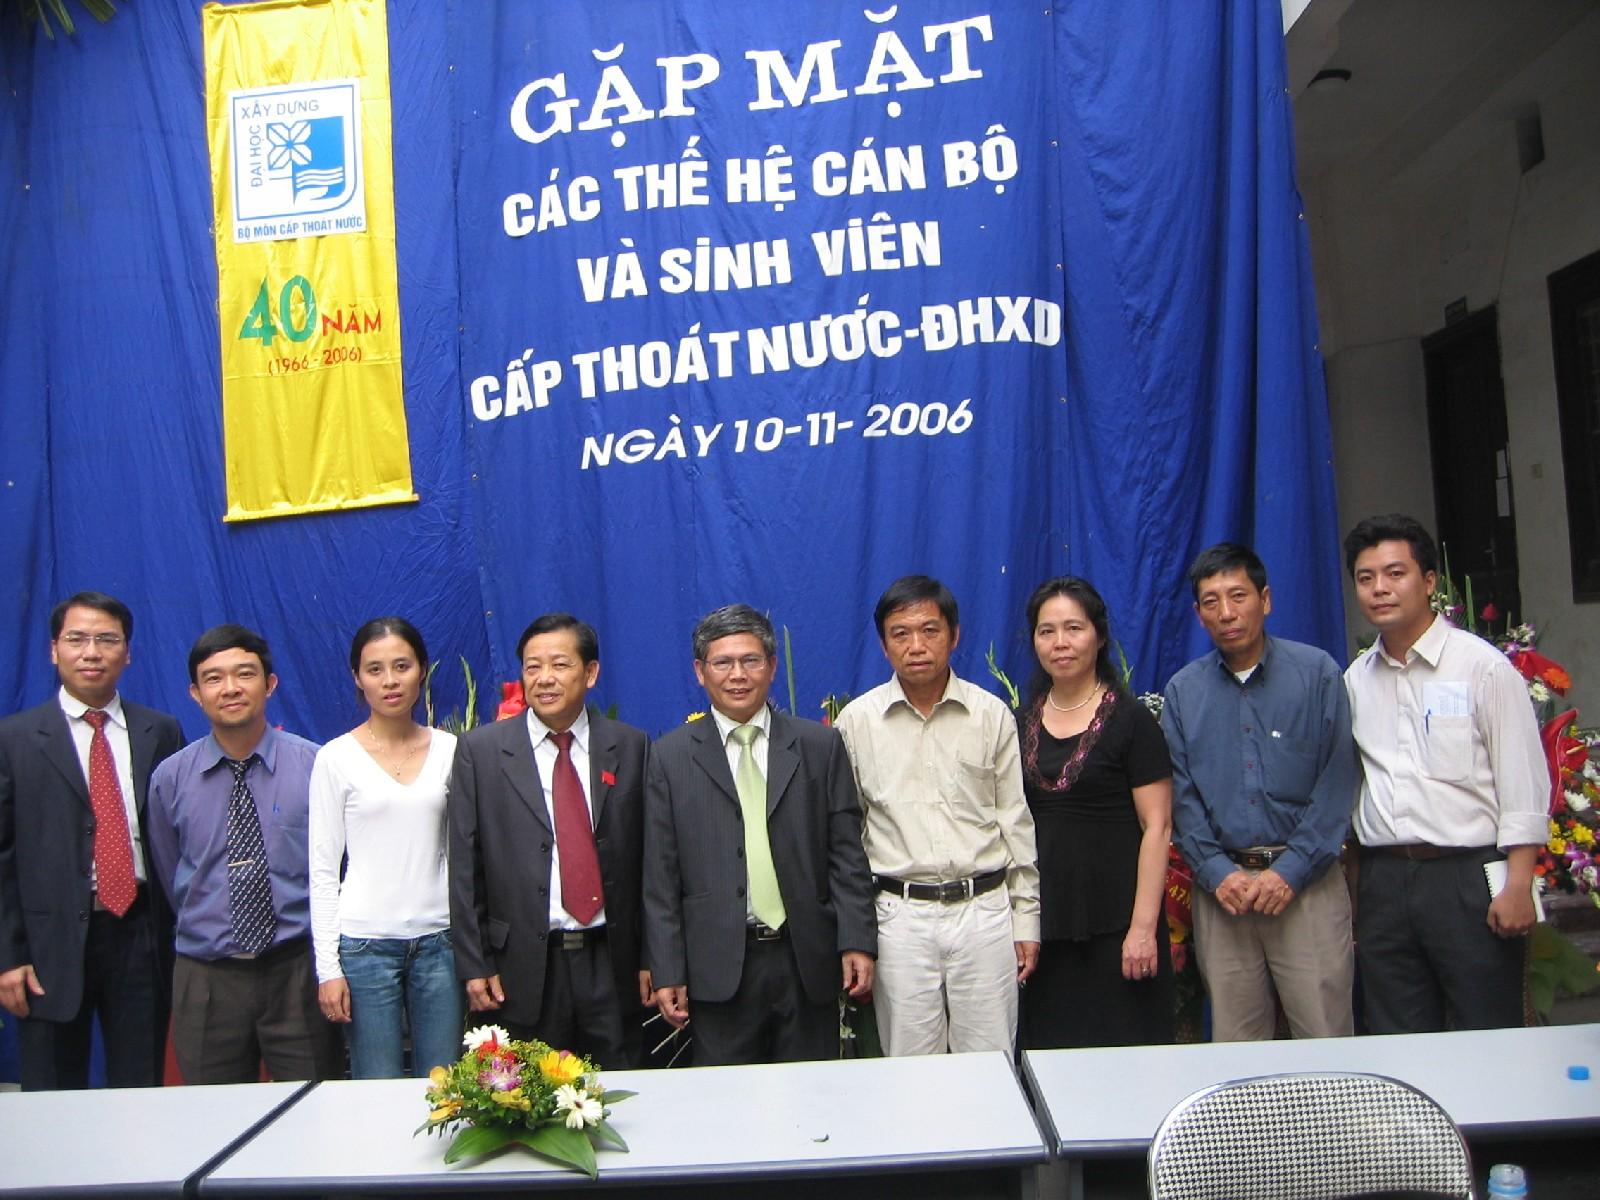 Cựu sinh viên K12 về dự hội ngành năm 2006